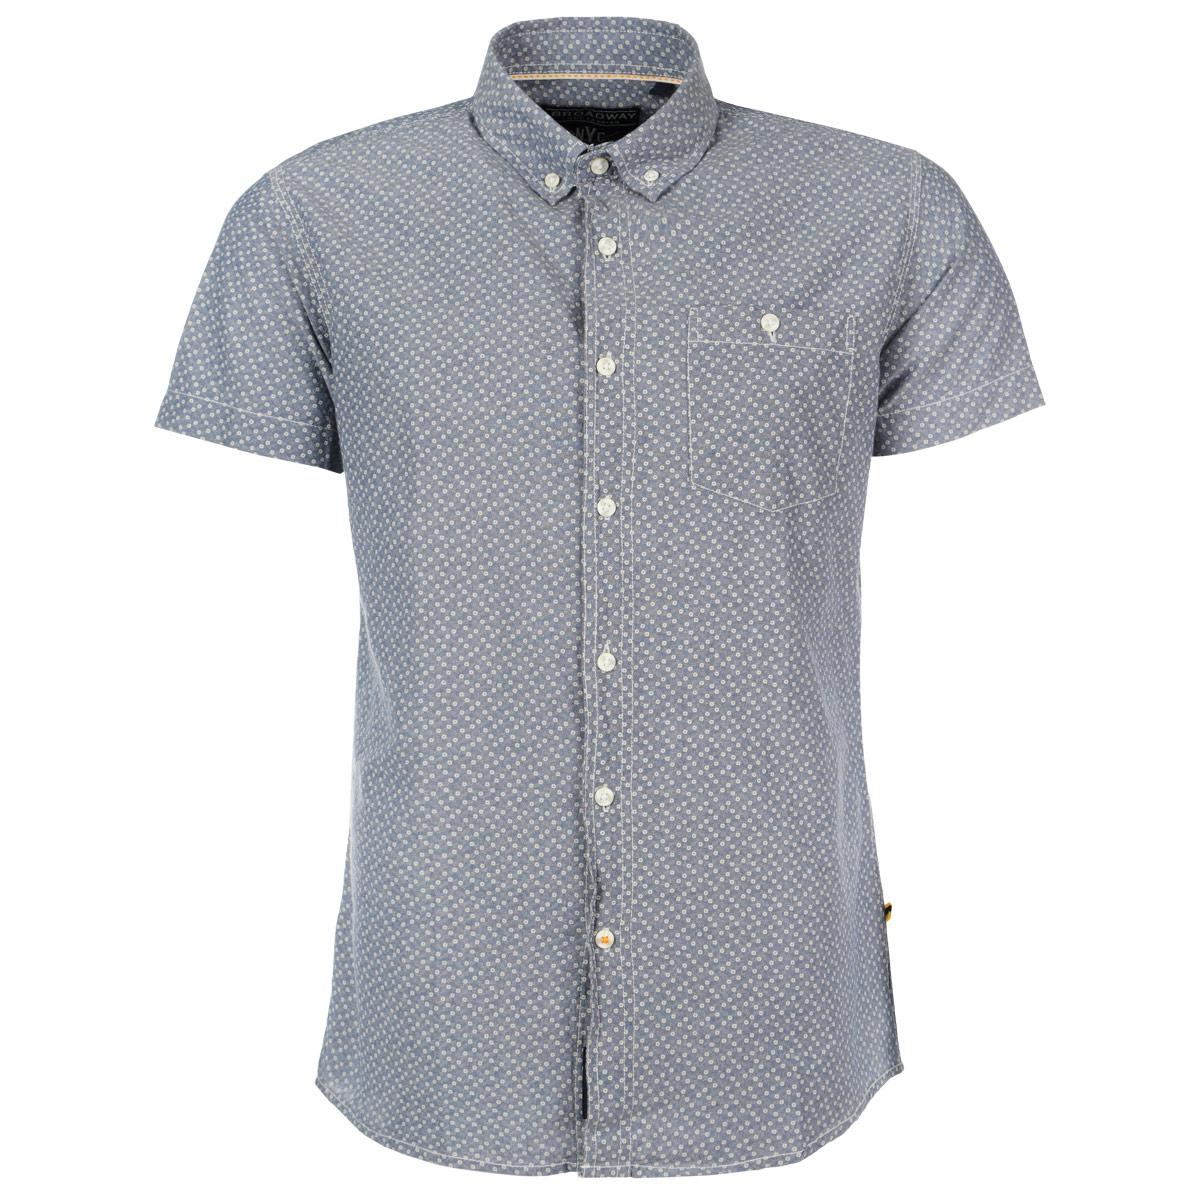 Рубашка10152312 57BОтличная мужская рубашка Broadway с принтом, выполненная из хлопка, обладает высокой теплопроводностью, воздухопроницаемостью и гигроскопичностью, позволяет коже дышать, тем самым обеспечивая наибольший комфорт при носке даже самым жарким летом. Рубашка приталенного кроя с короткими рукавами, полукруглым низом, отложным воротником застегивается на пуговицы. Рубашка дополнена на груди накладным карманом на пуговице. Такая рубашка будет дарить вам комфорт в течение всего дня и послужит замечательным дополнением к вашему летнему гардеробу.